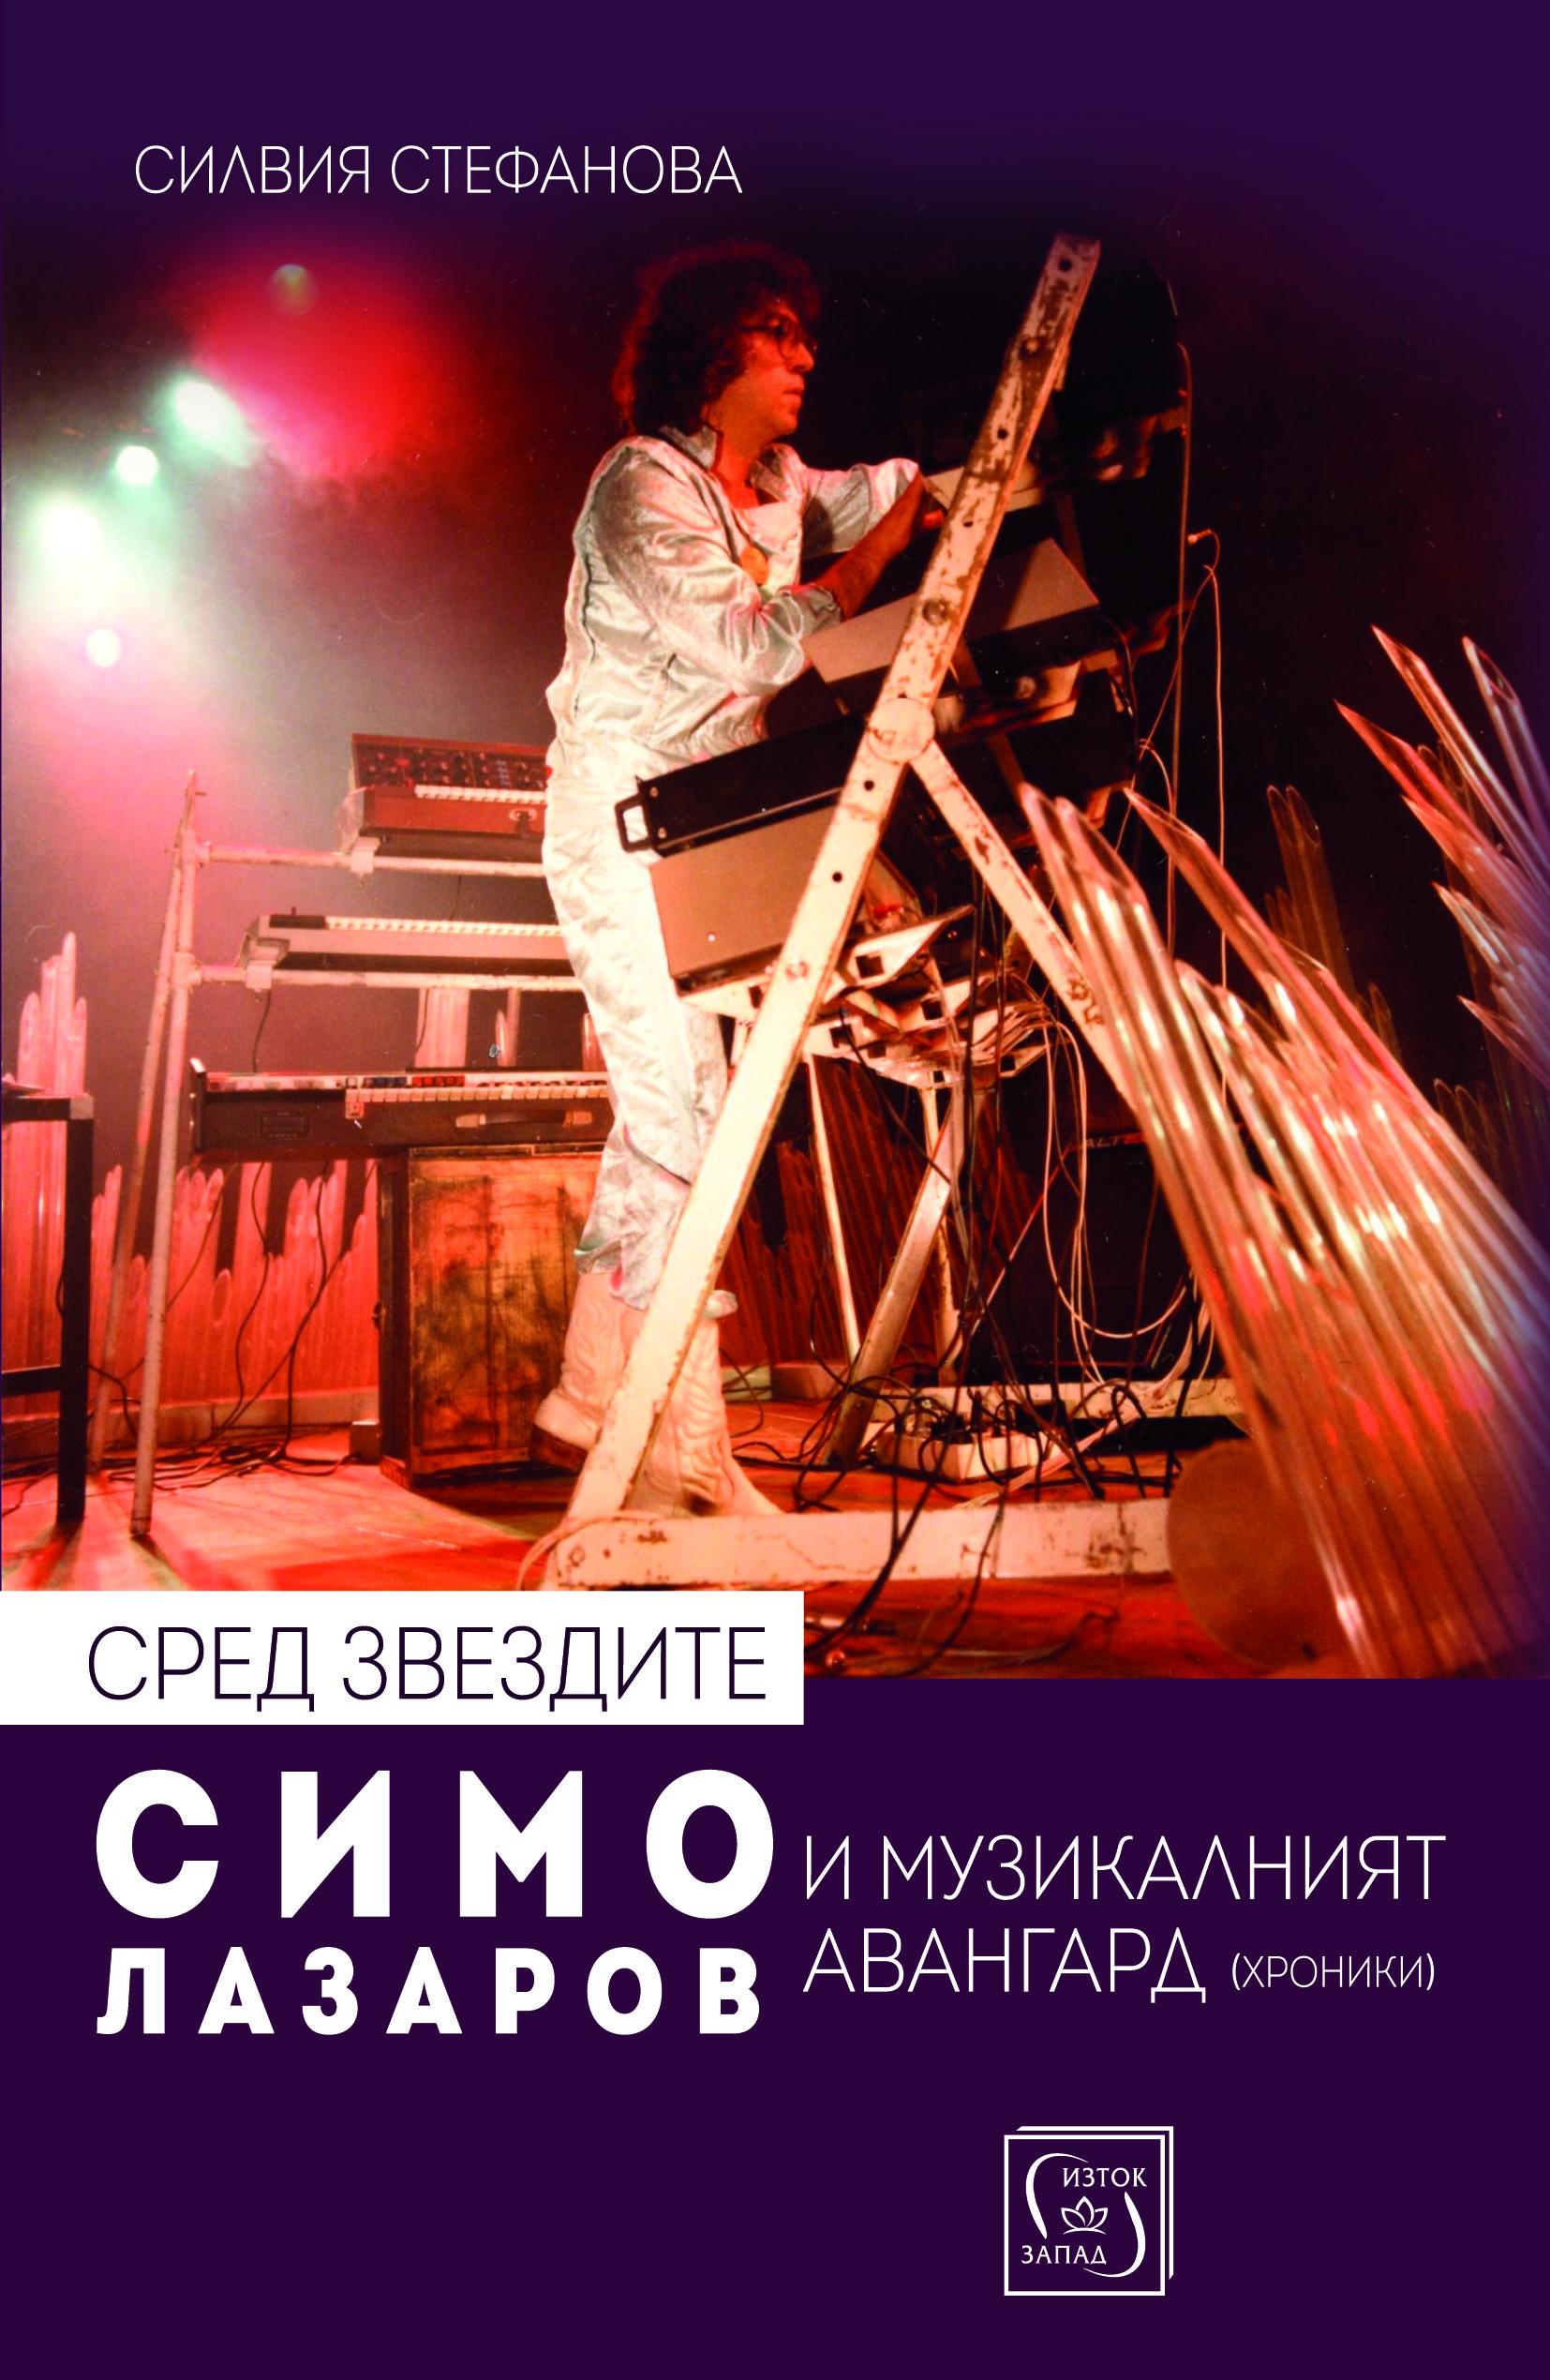 """Представяне на книгата """"Сред звездите: Симо Лазаров и музикалният авангард (хроники)"""" от Силвия Стефанова"""